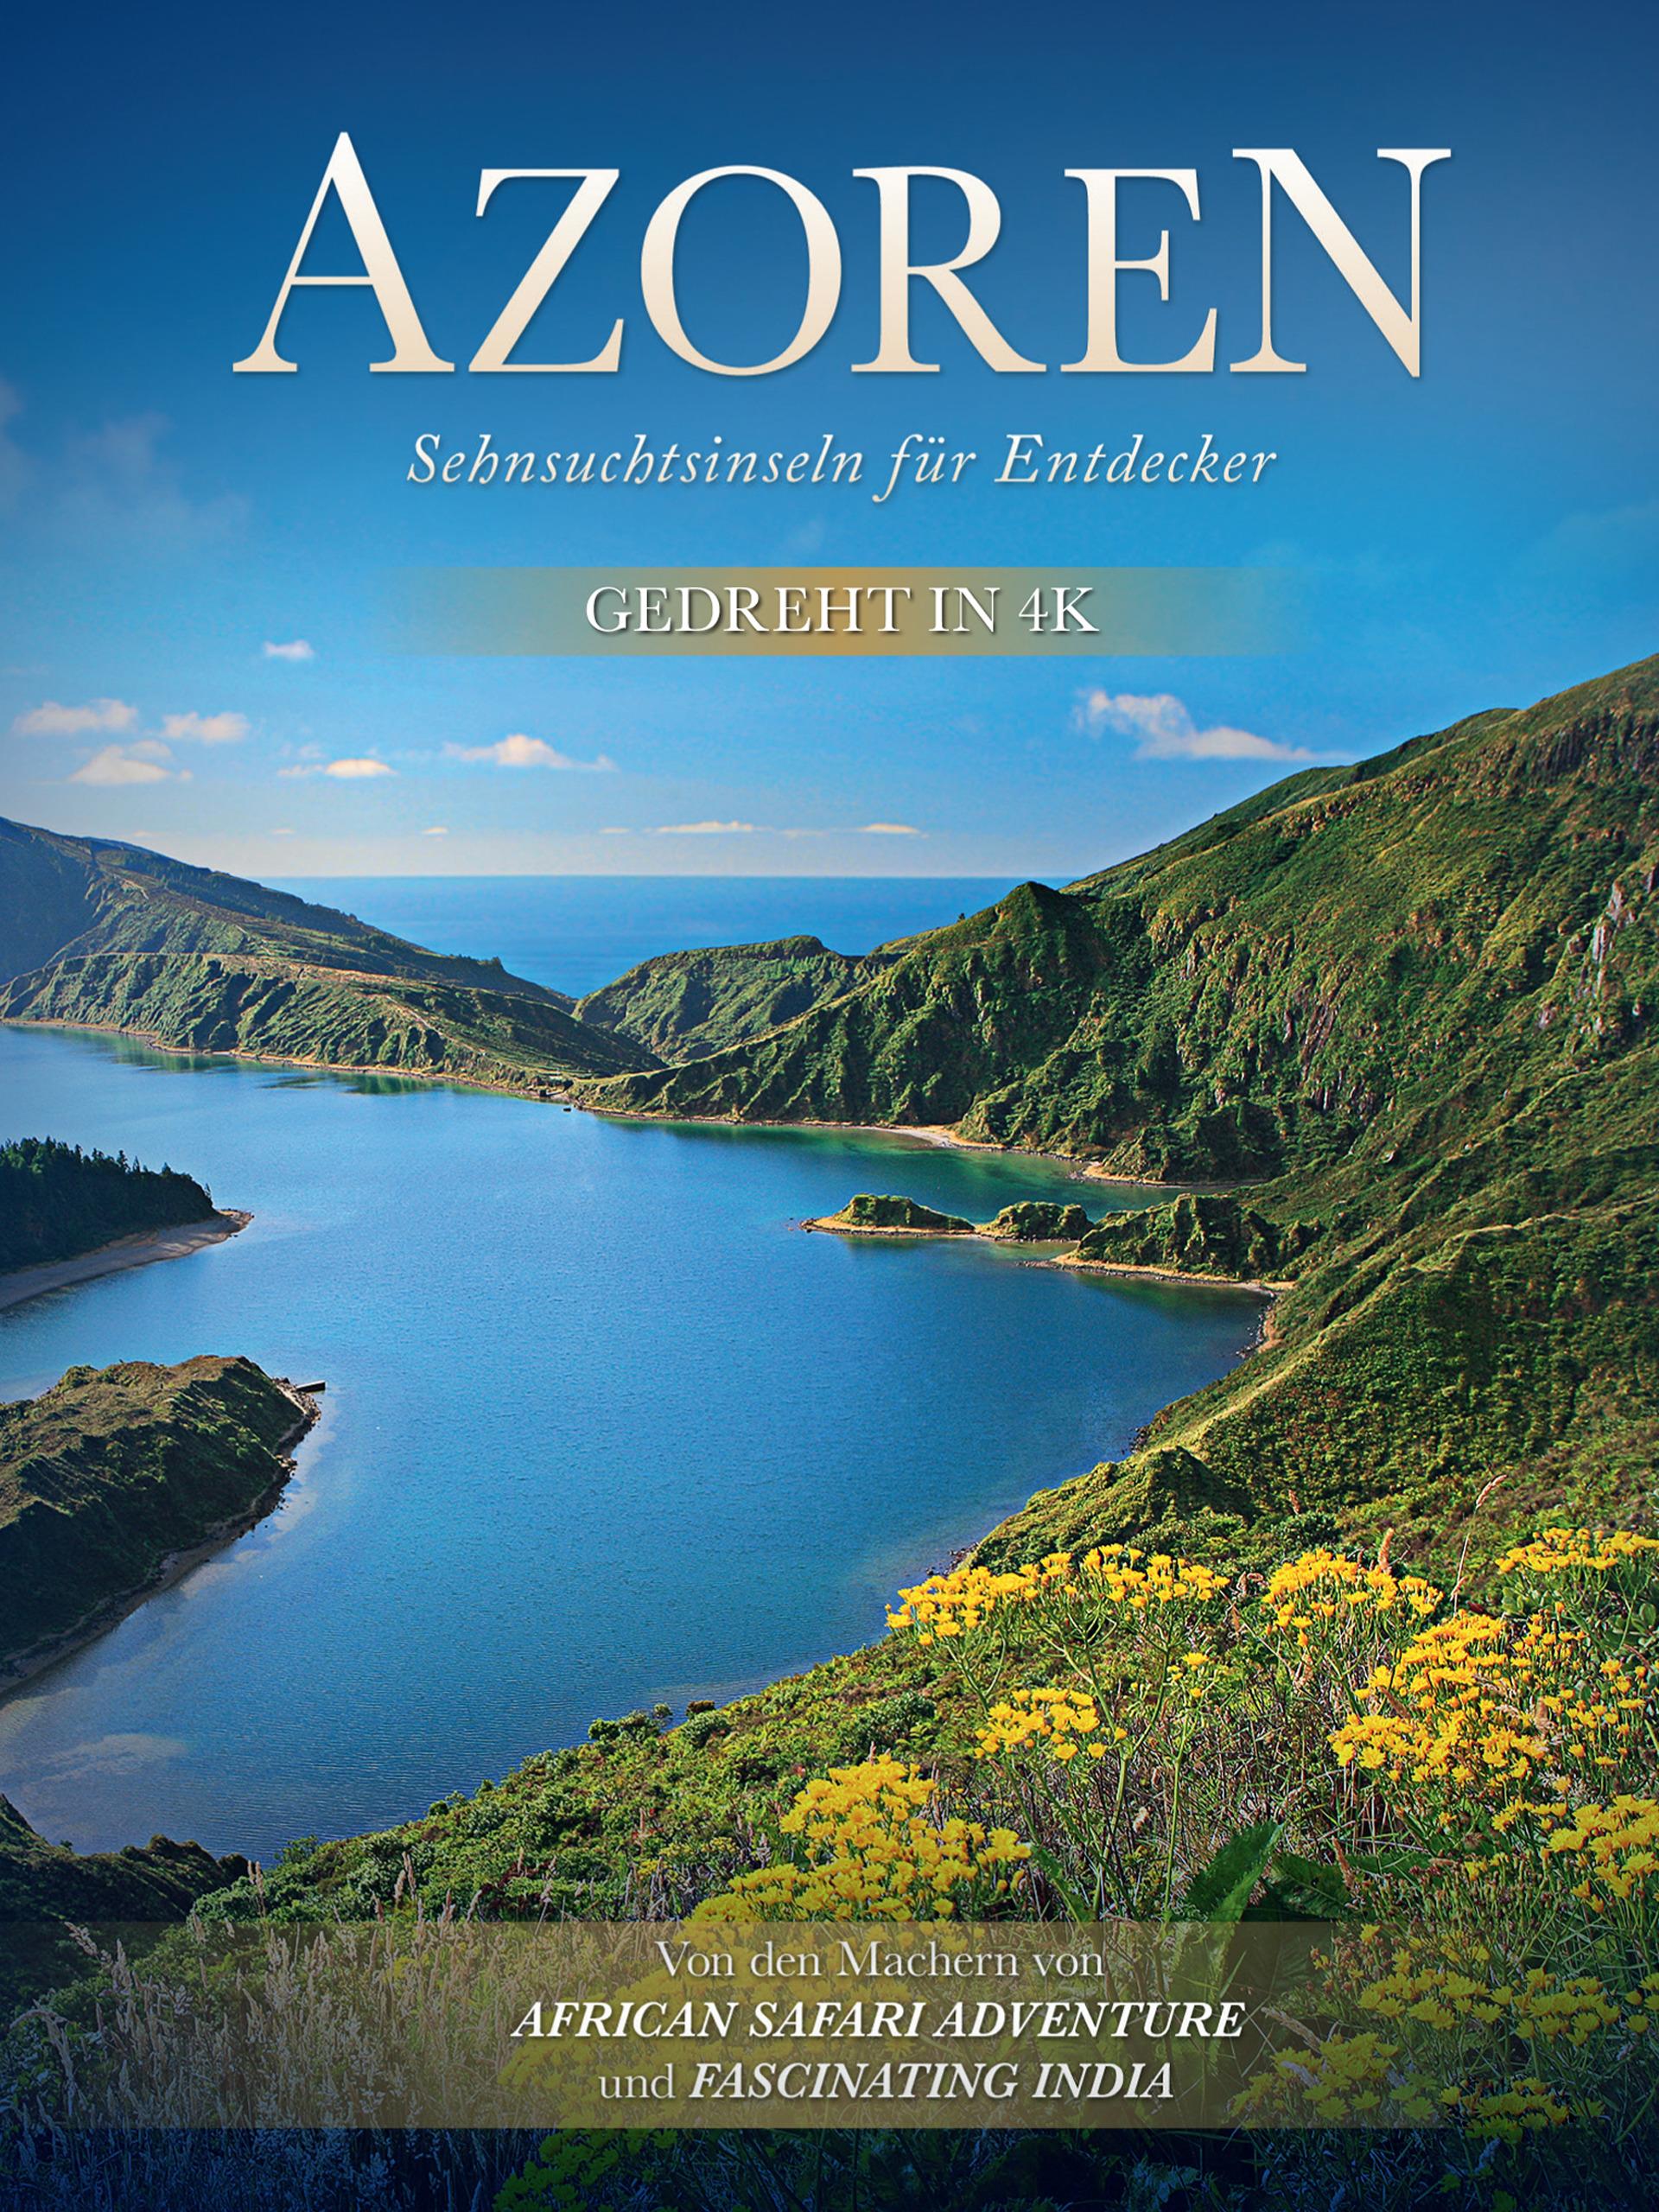 Azoren - Sehnsuchtsinseln für Entdecker (4K UHD)